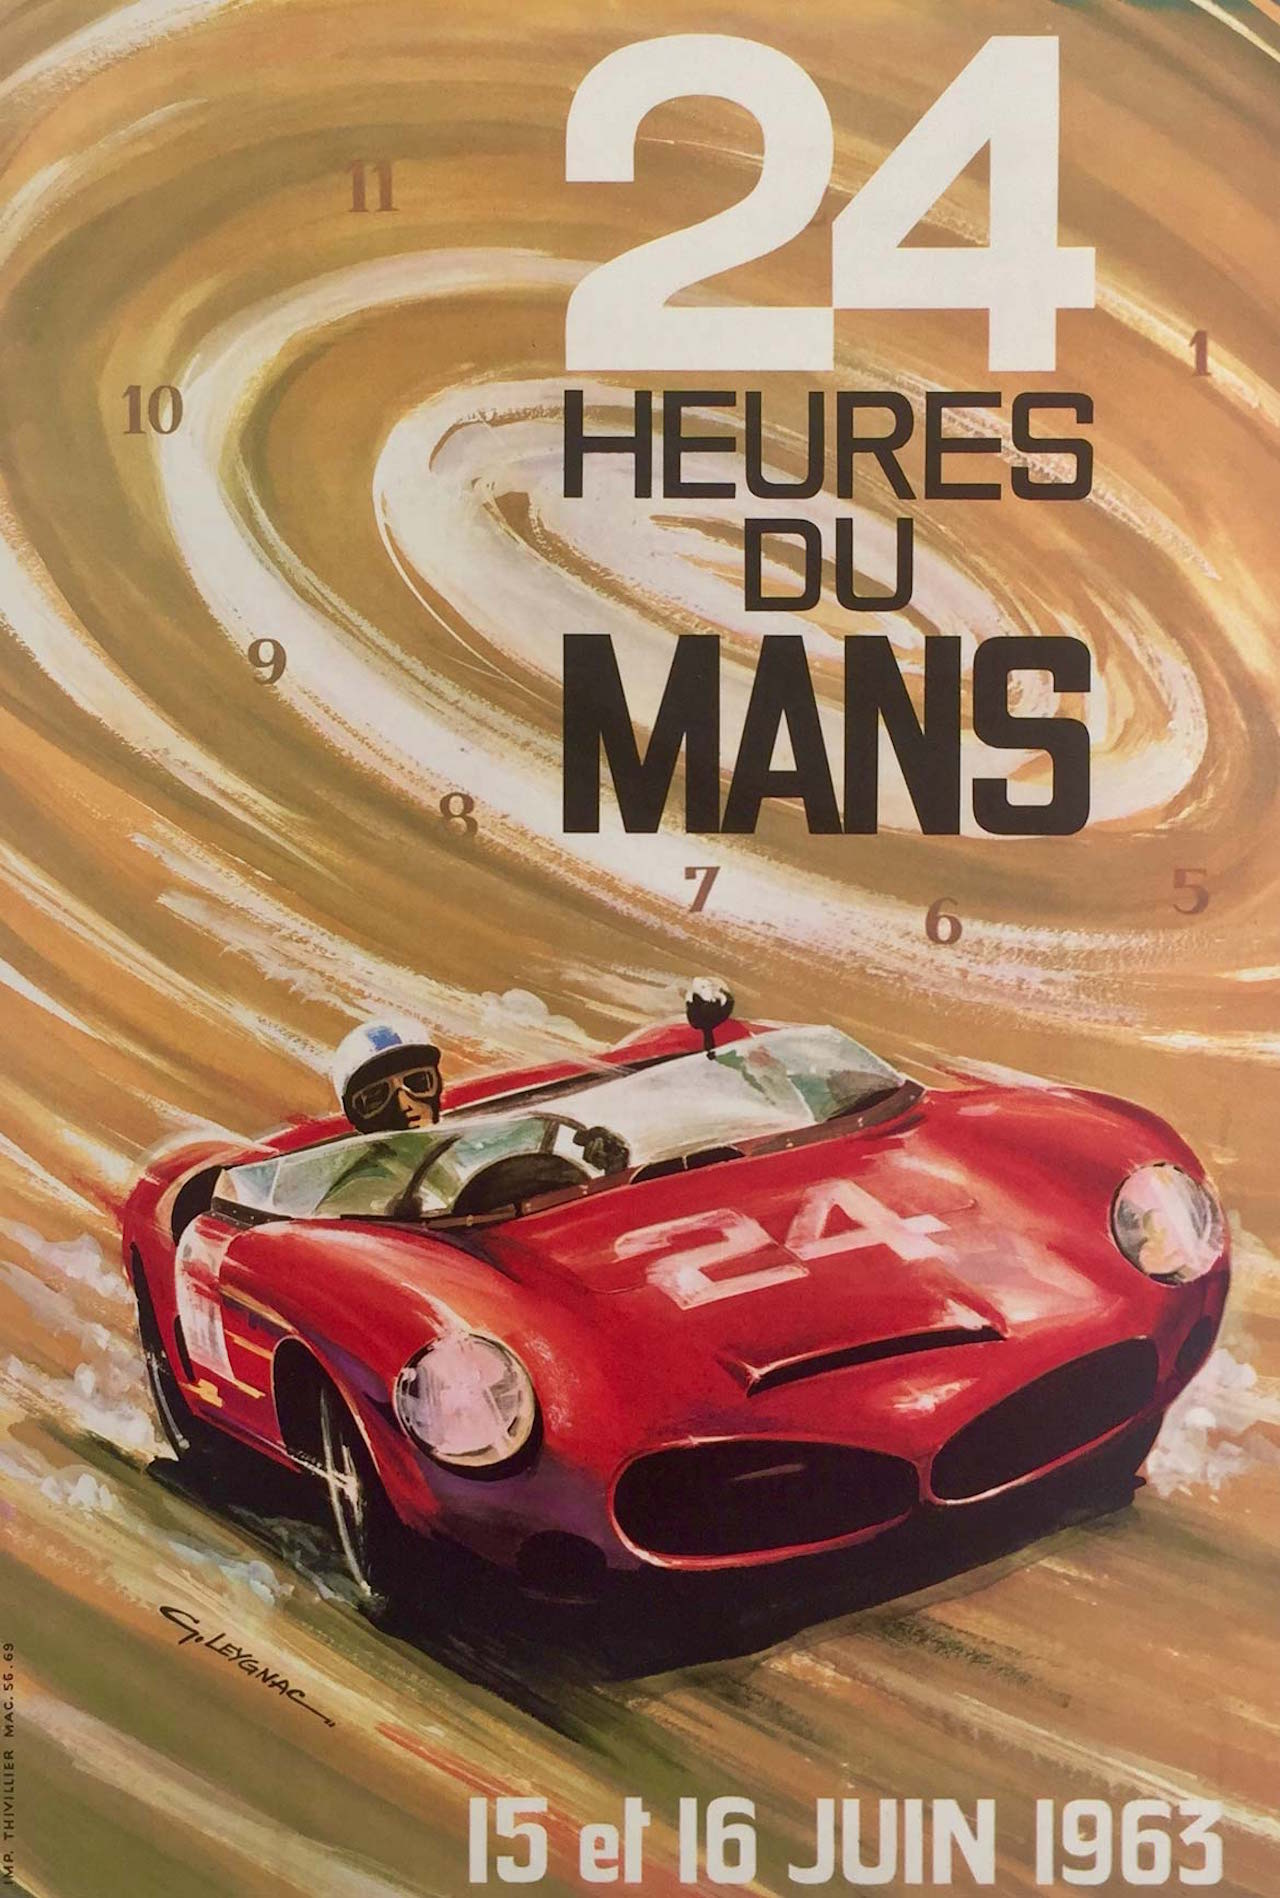 Les 24h du Mans : Histoires & anecdotes #3 32